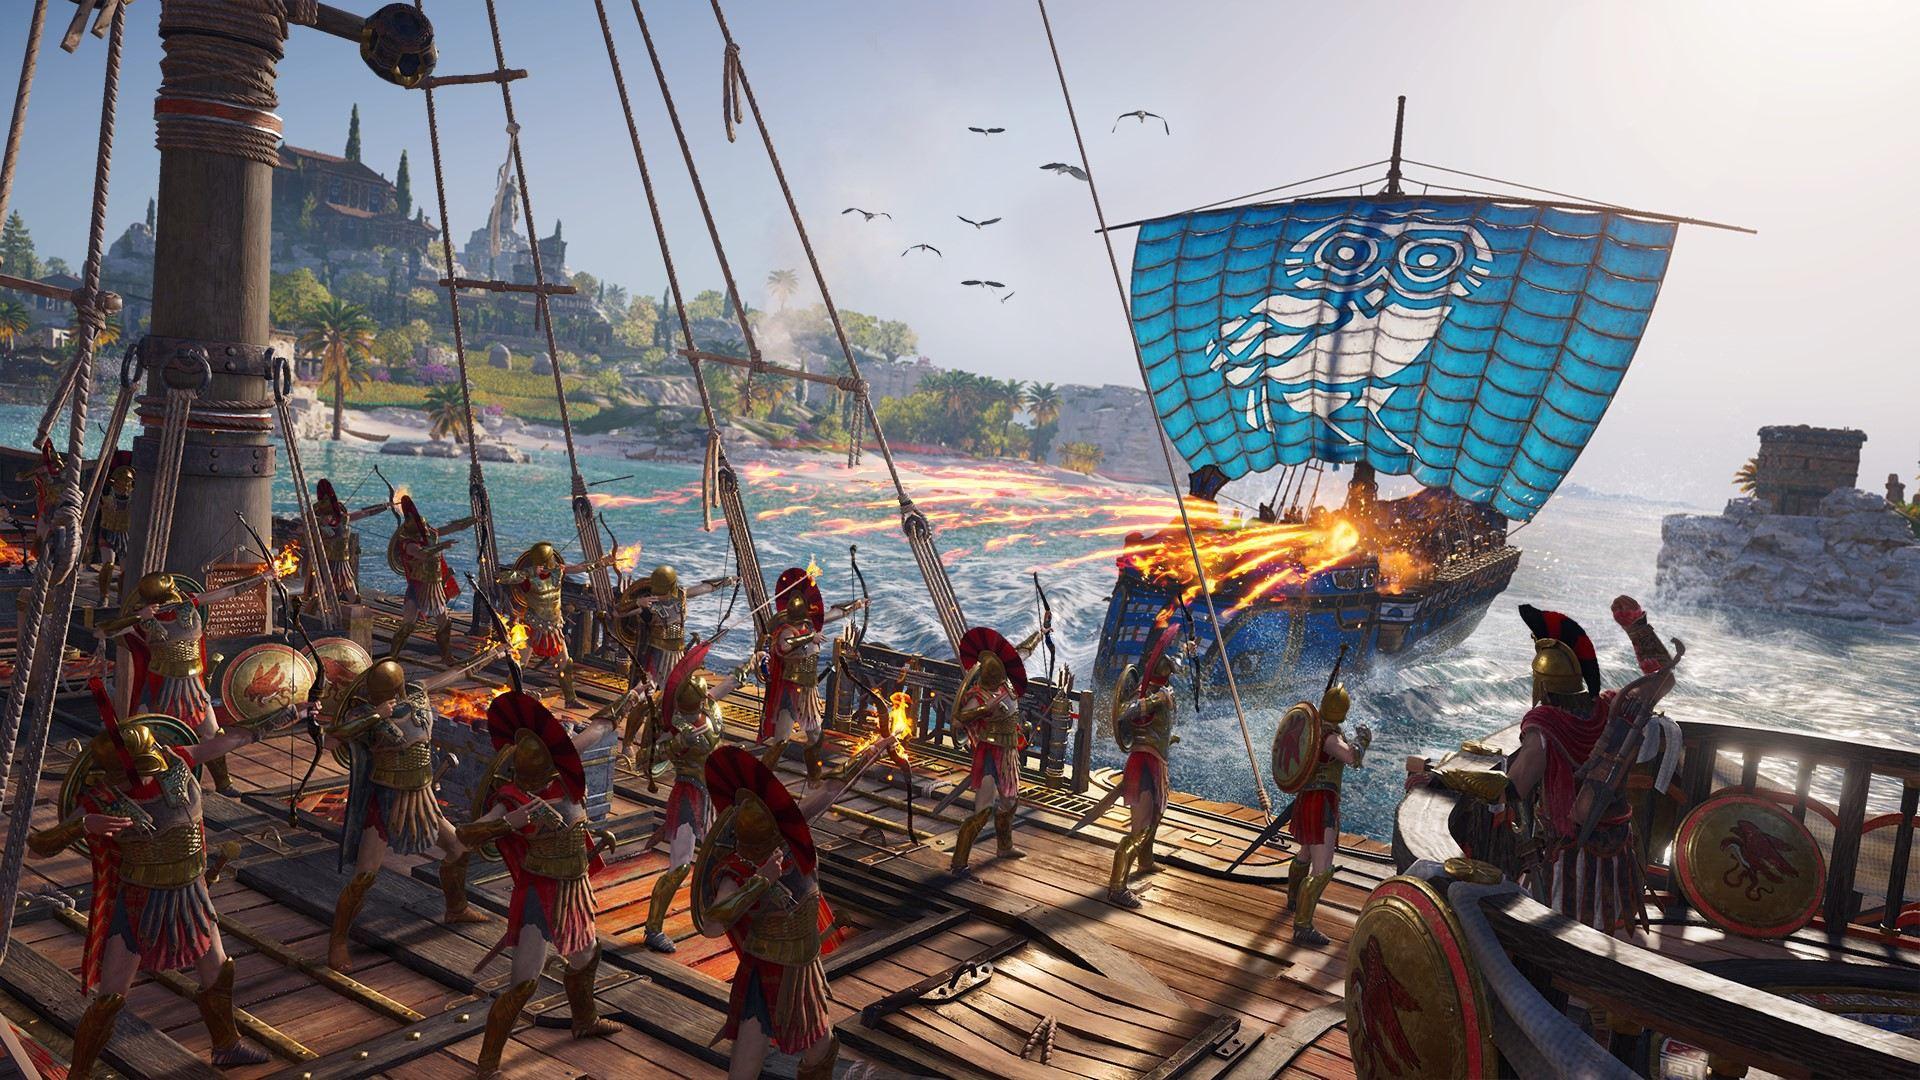 Разработчики Assassin's Creed Odyssey рассказали о свободе выбора, элементах RPG и любовных романах